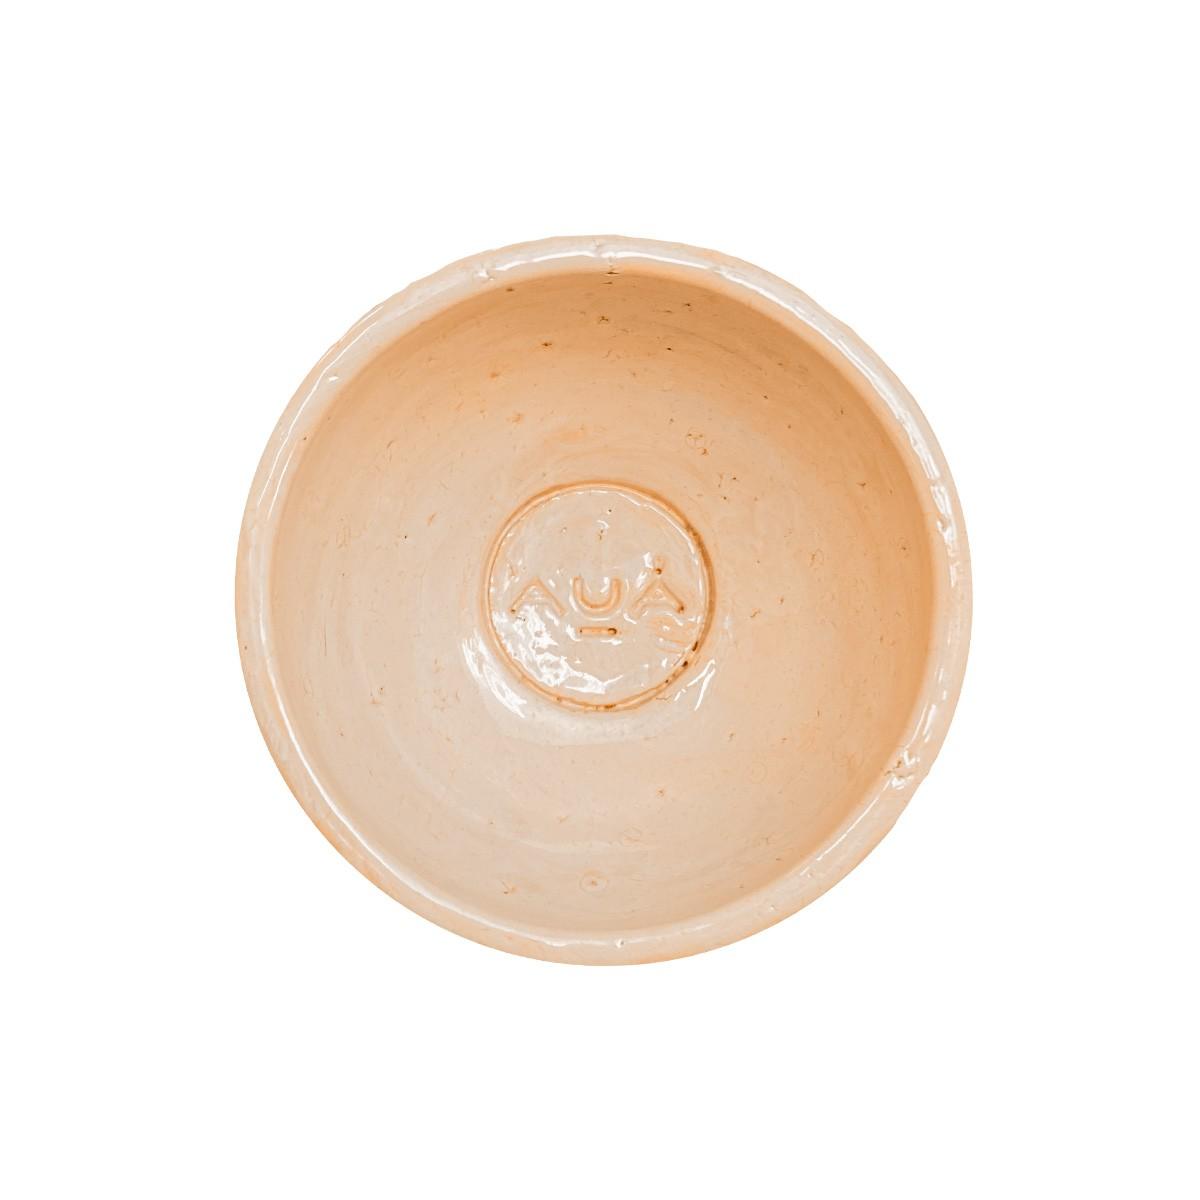 Bowl de Cerâmica AUÁ